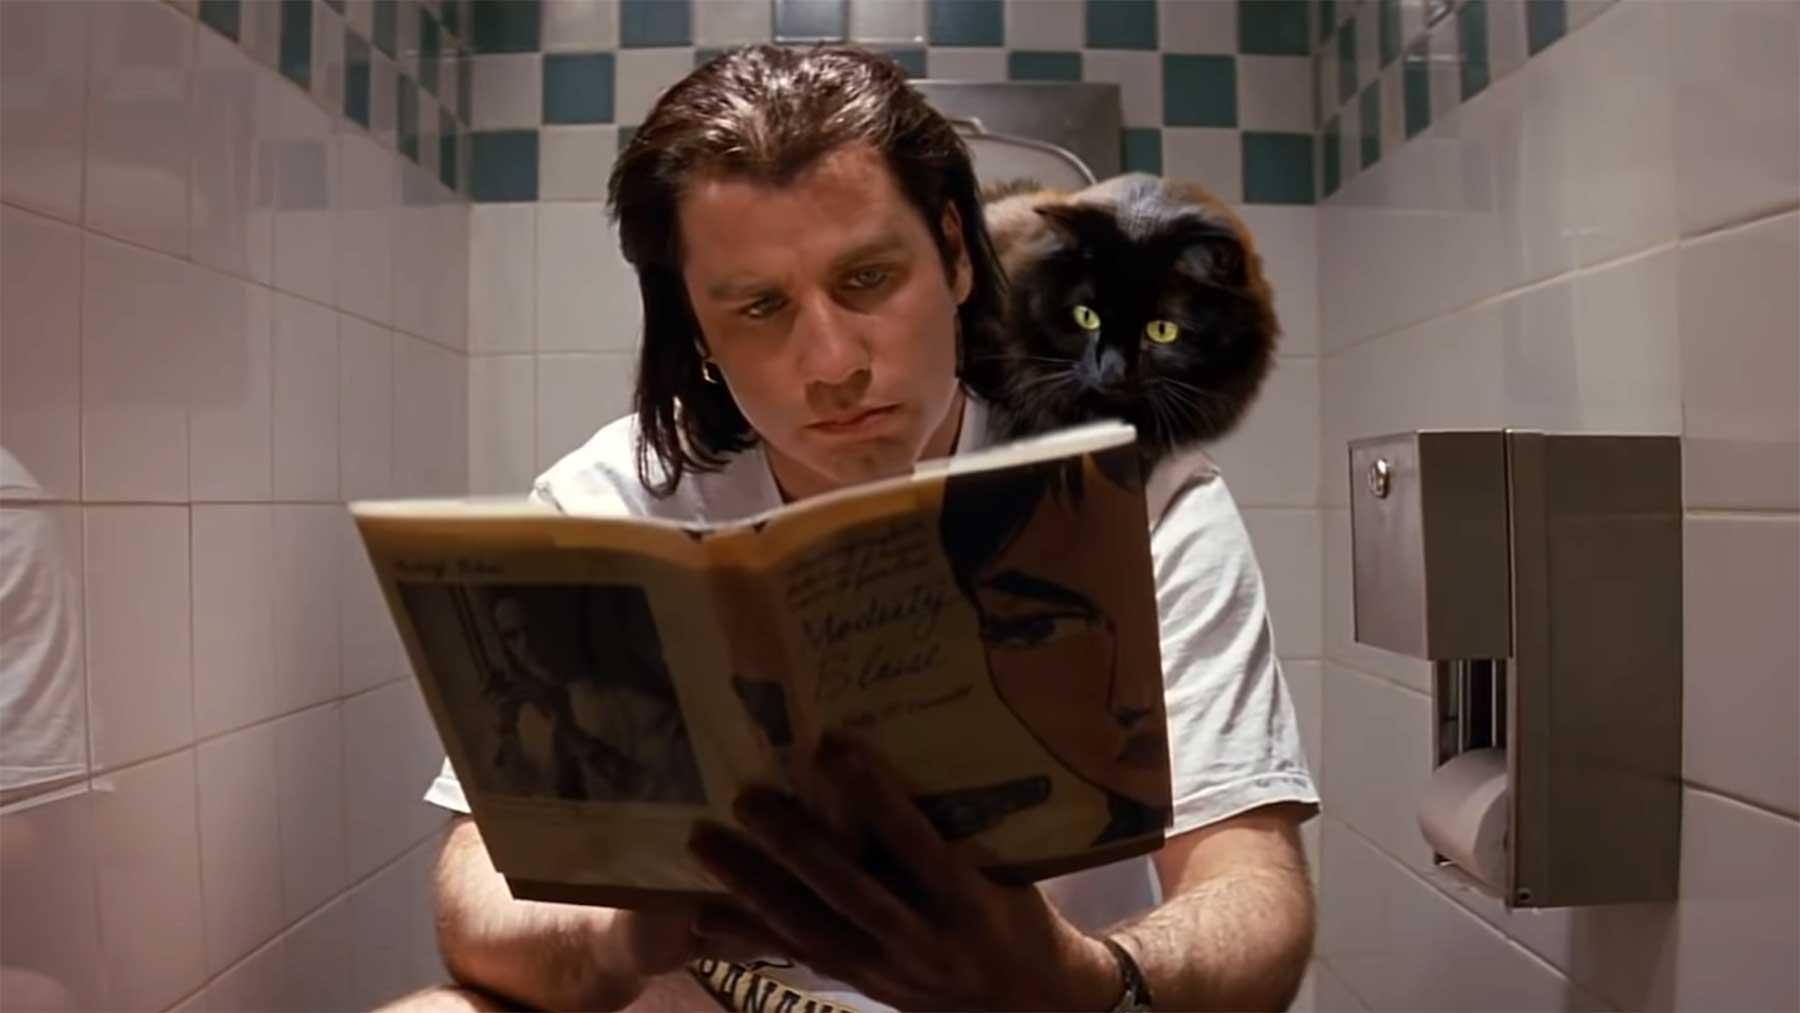 """Wenn eine Katze in """"Pulp Fiction"""" mitspielen würde owlkitty-in-pulp-fiction"""